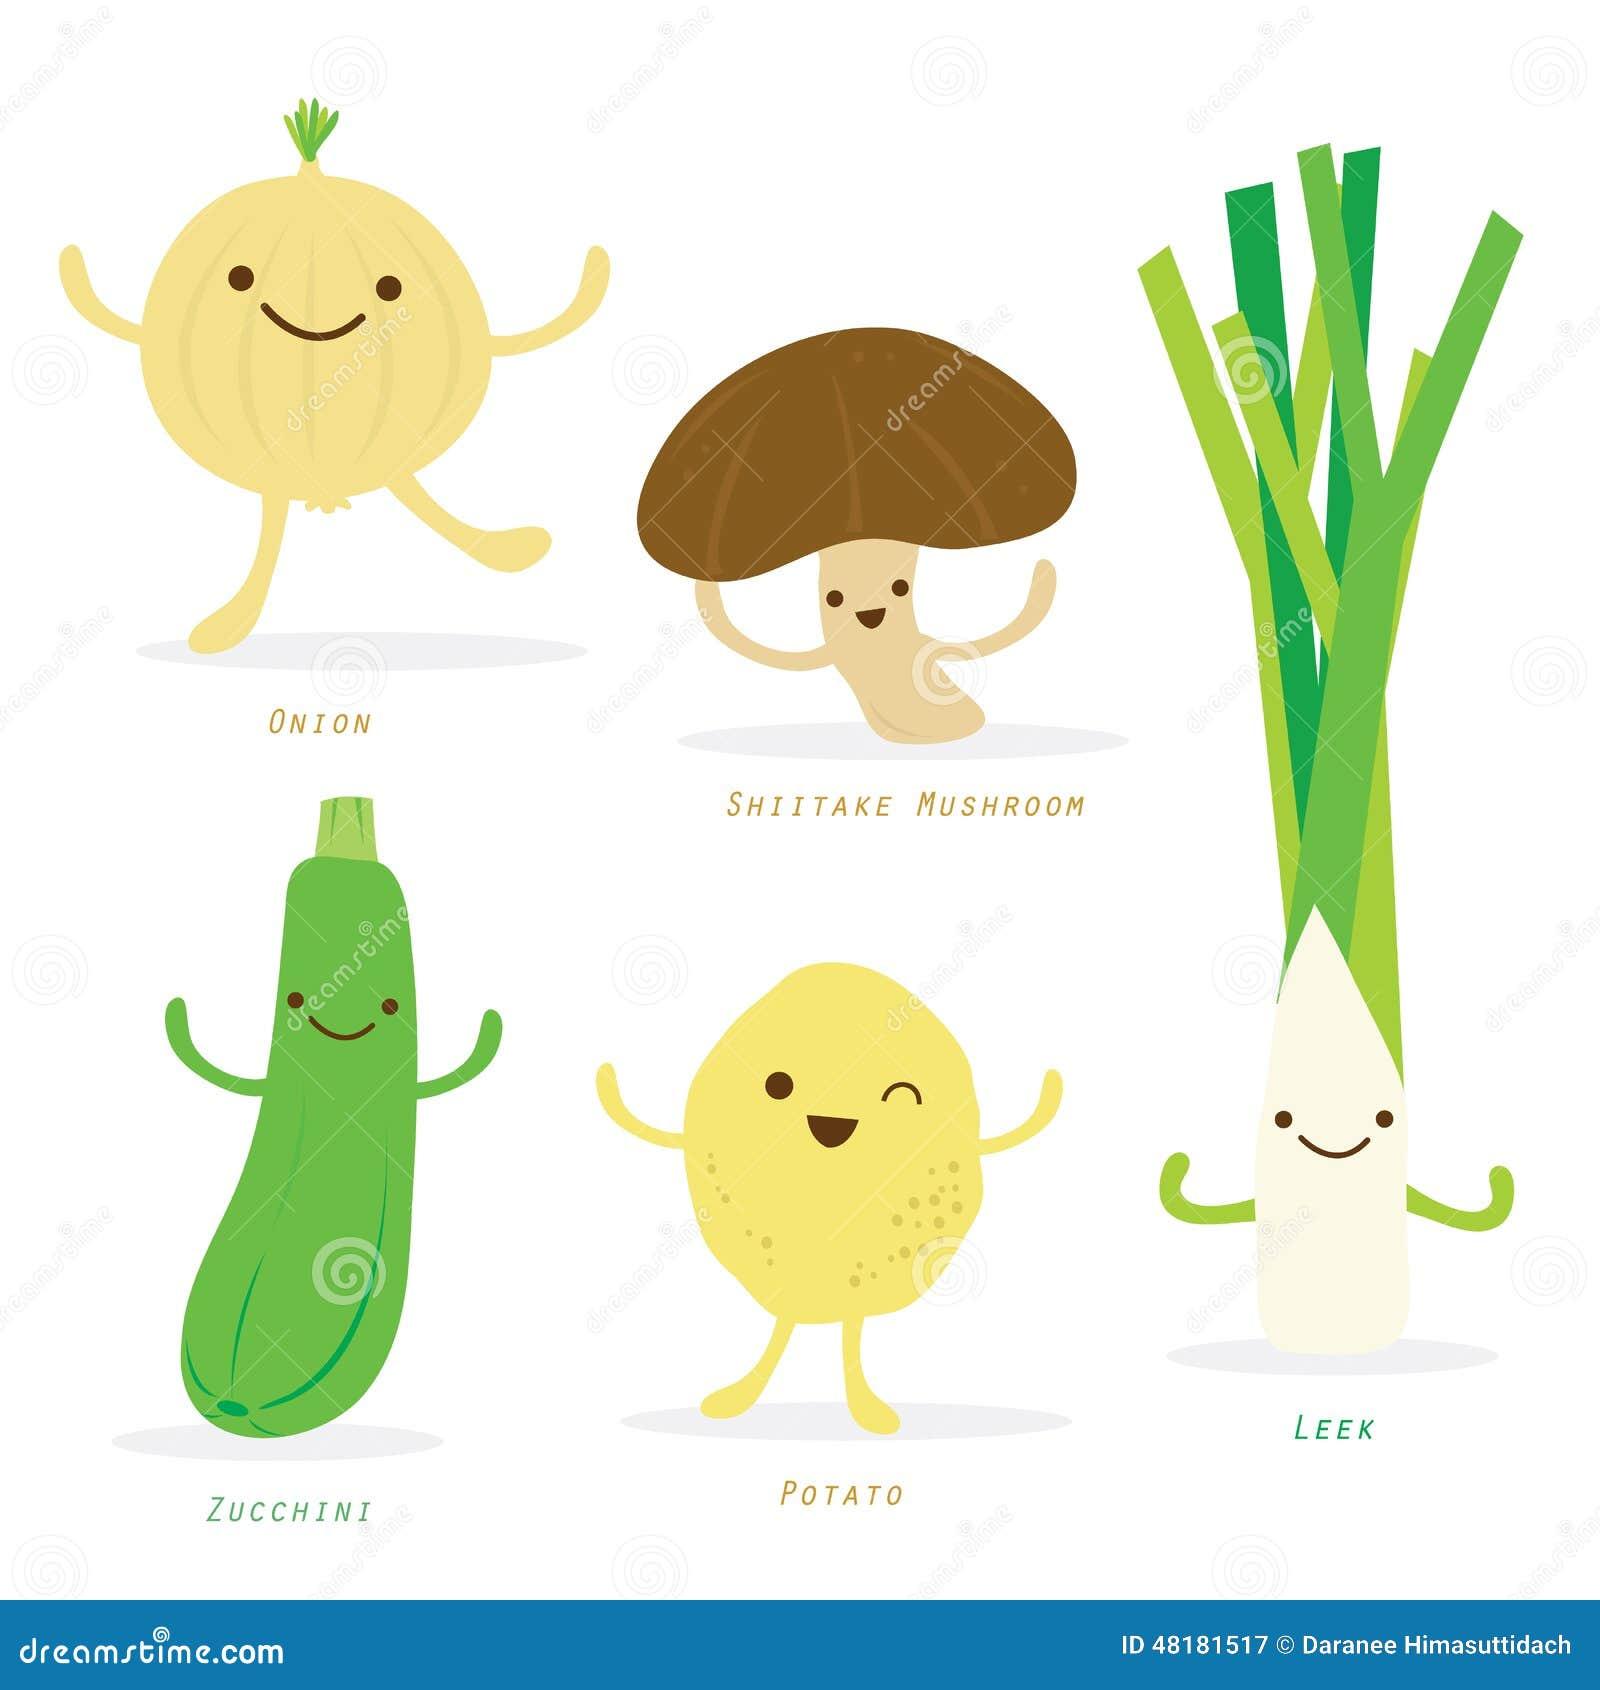 Line Drawing Zucchini : Vegetable cartoon cute set shiitake mushroom onion potato